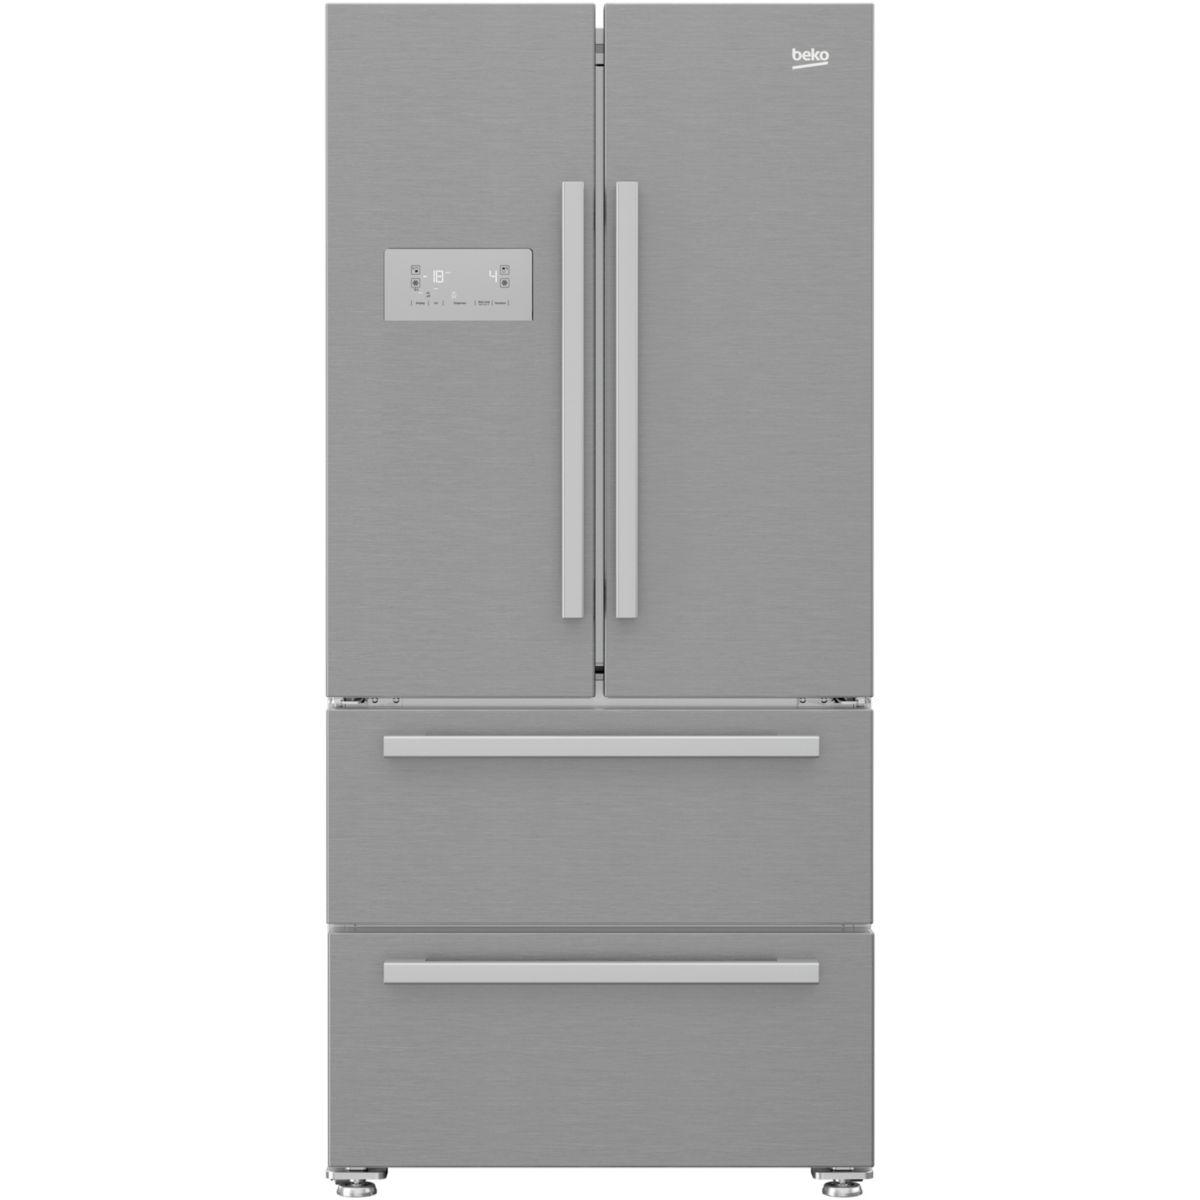 Réfrigérateur multi portes BEKO GNE60522X